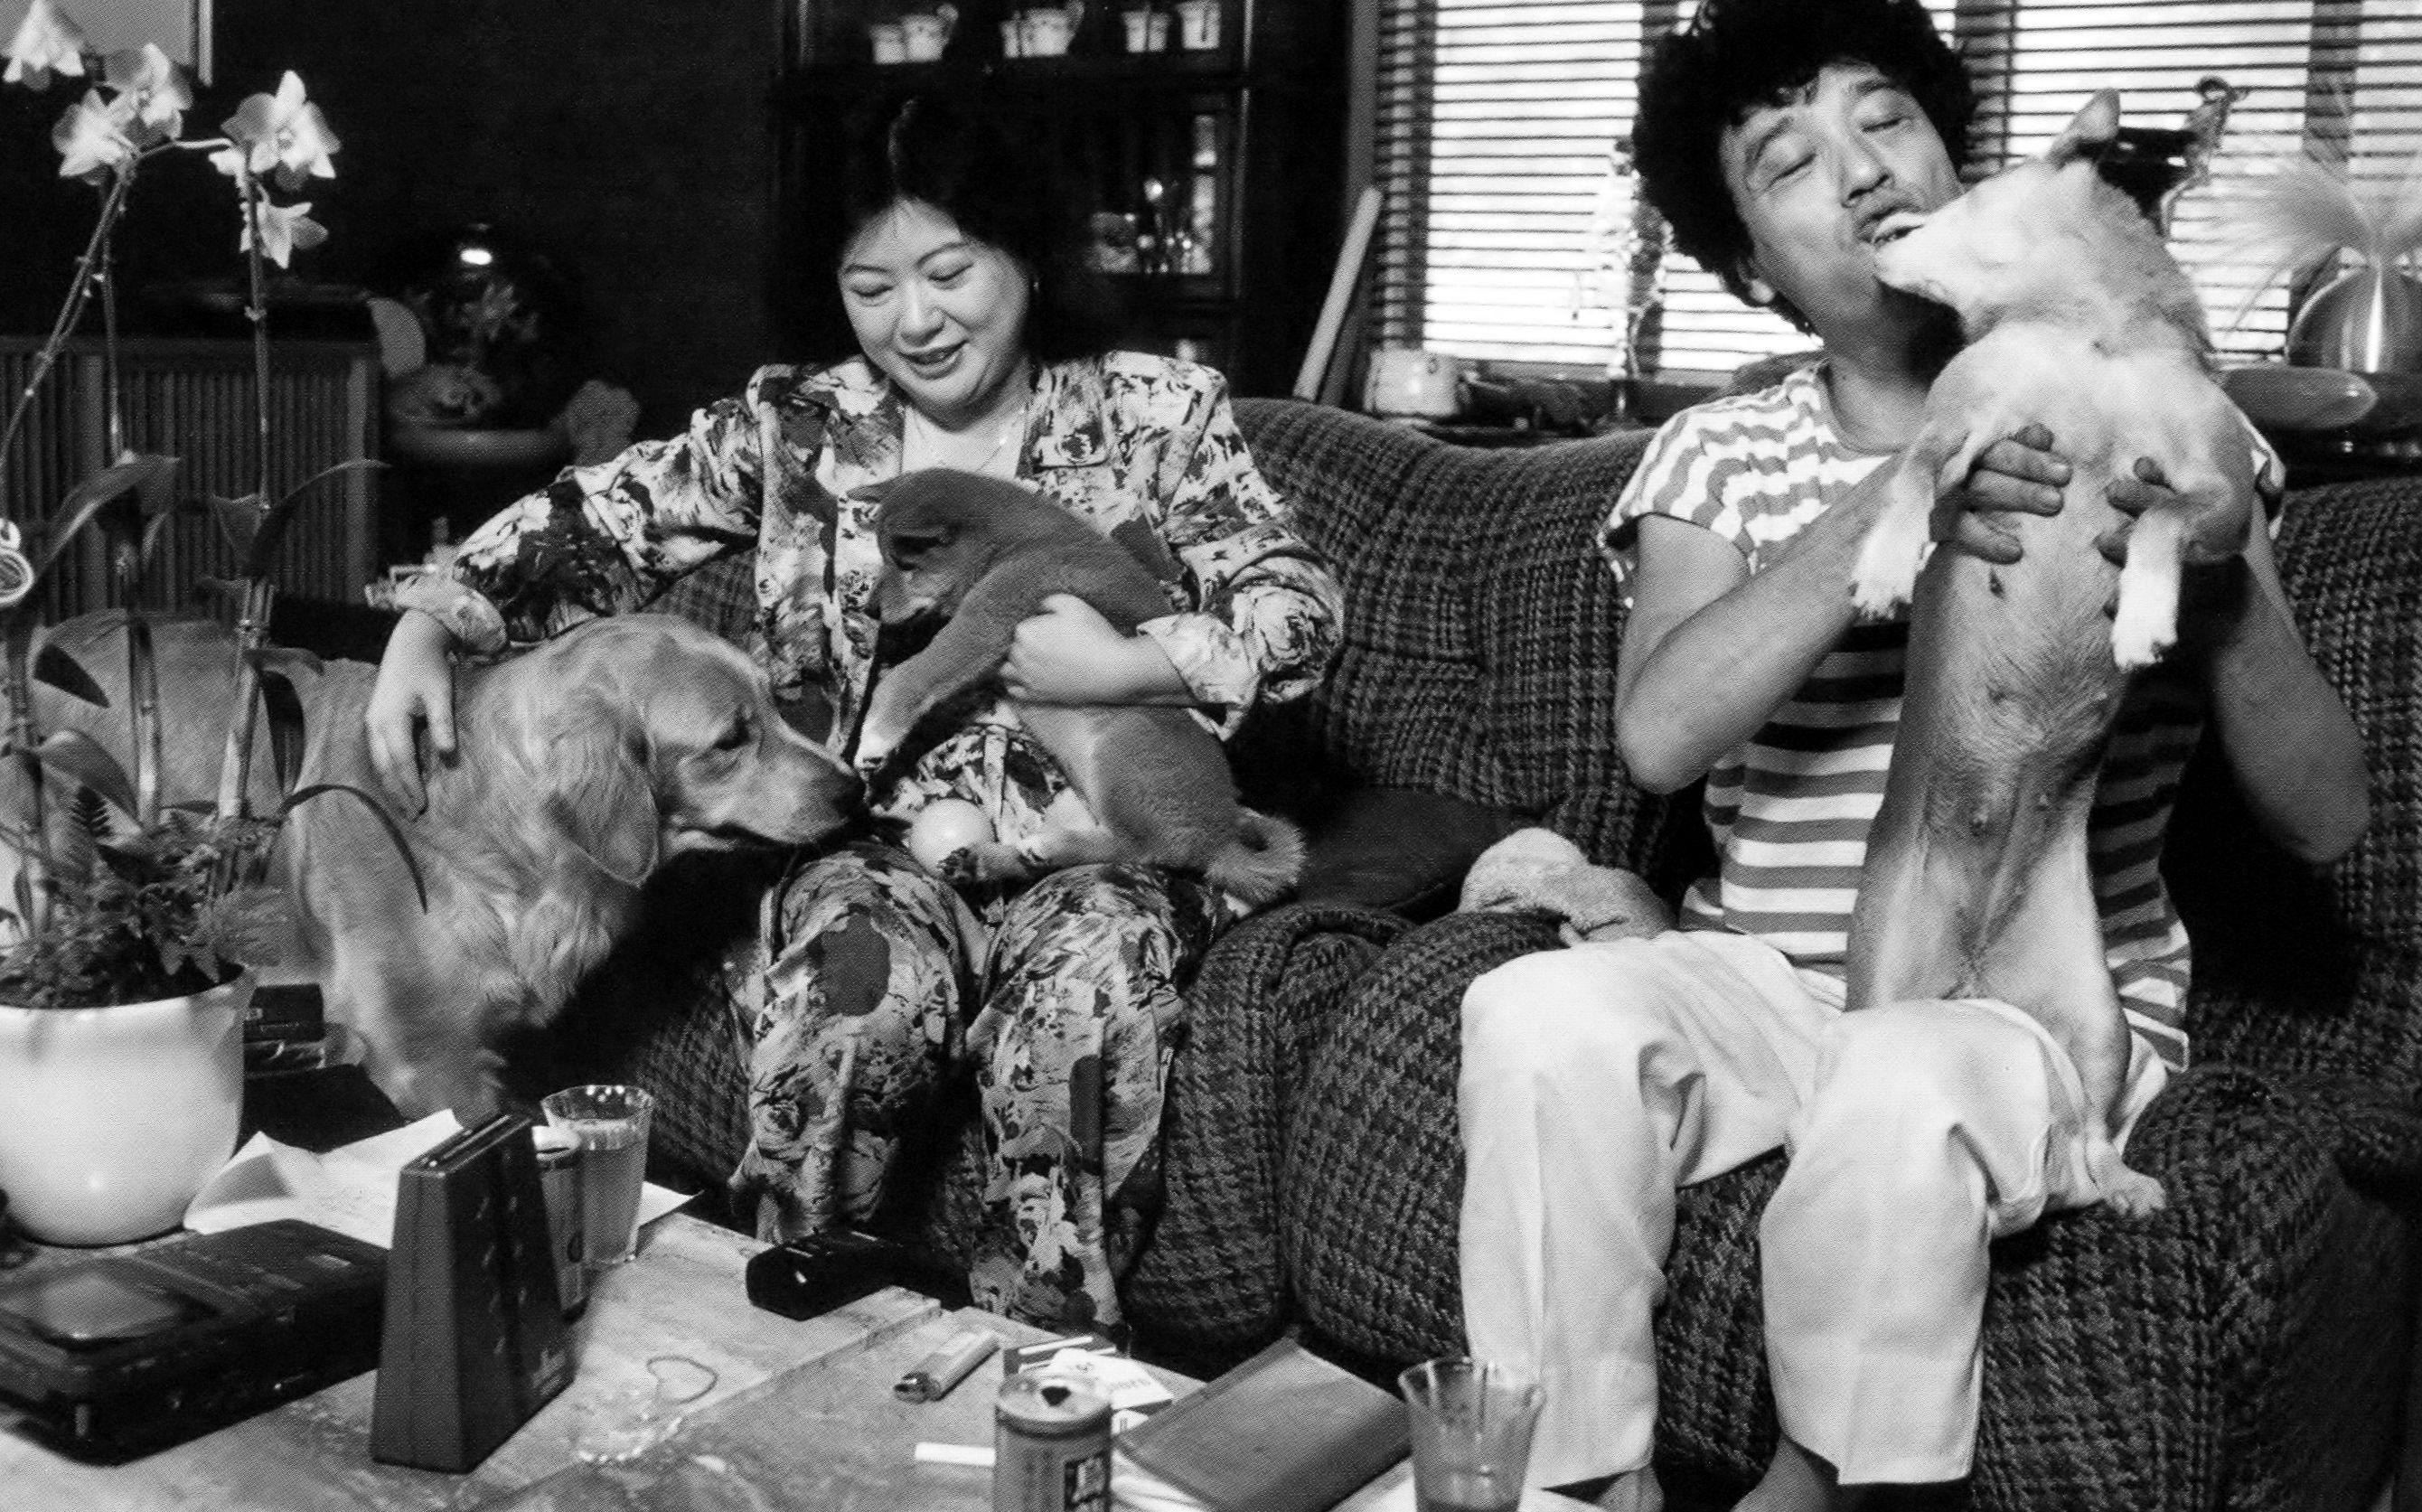 池田満寿夫、佐藤陽子。1989年熱海市の自宅にて。斎藤康一写真集「昭和 ...